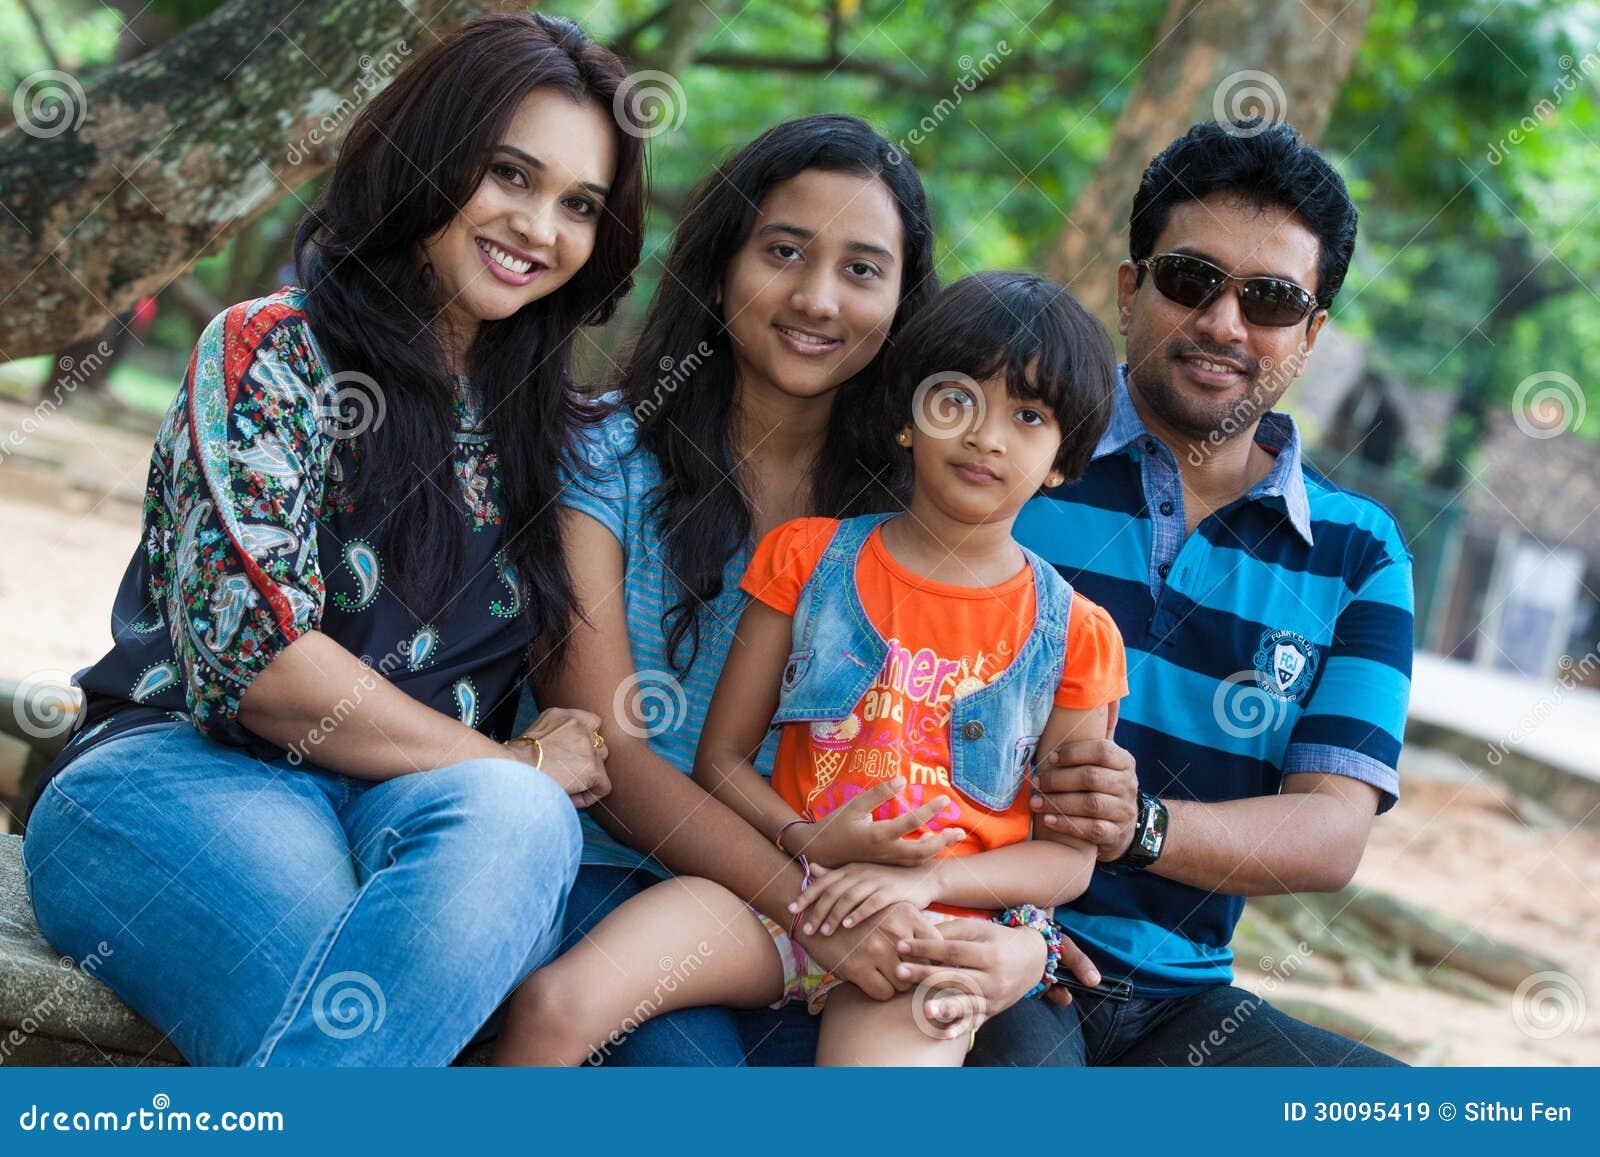 Channa Perera family photo